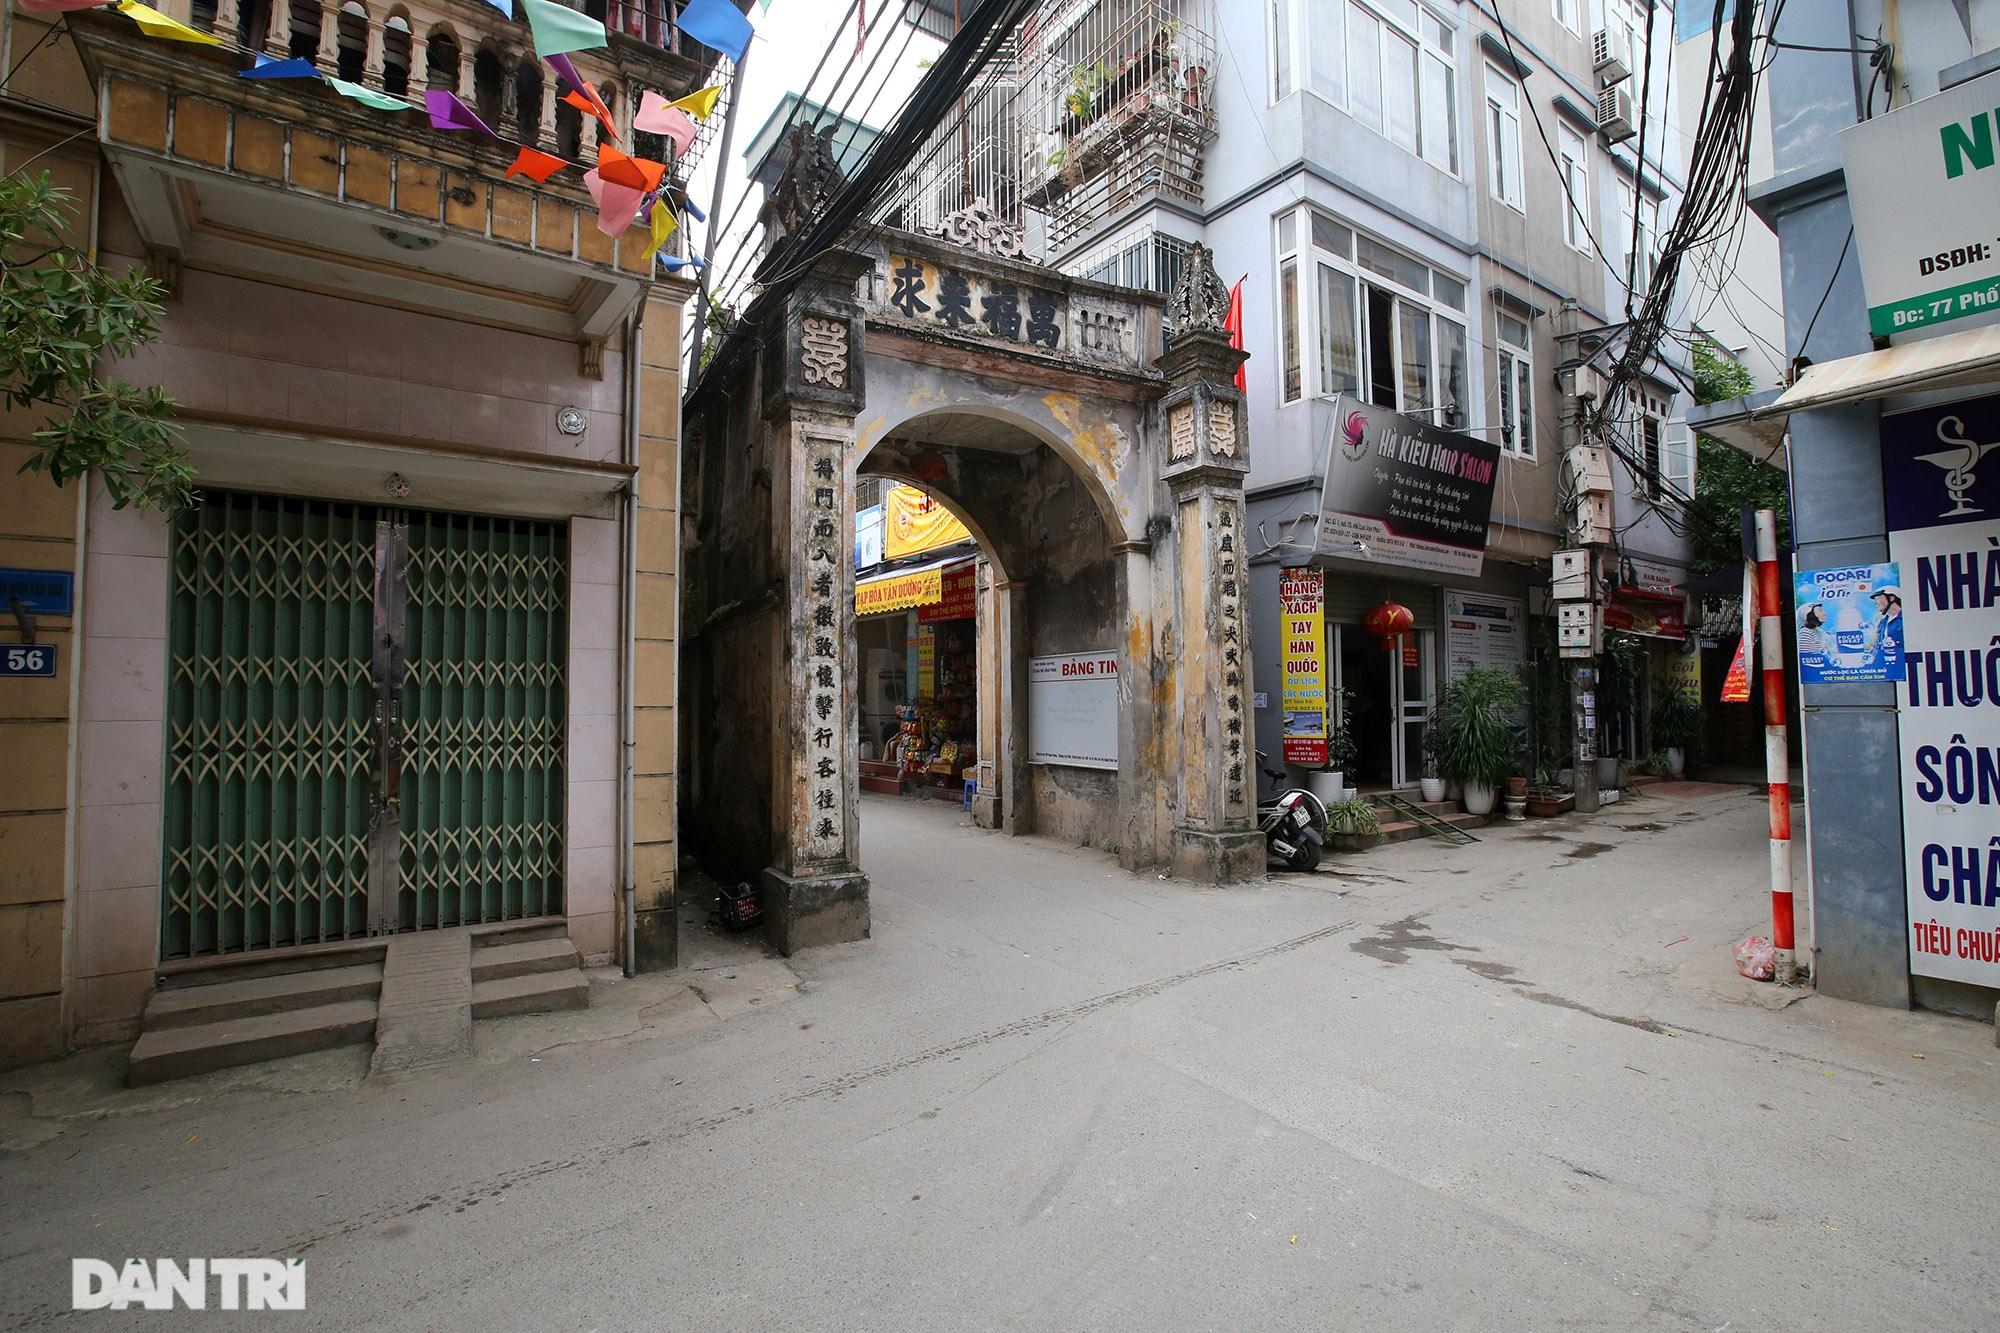 Nét hiện đại và xưa cũ trong không gian kiến trúc Hà Nội - 20